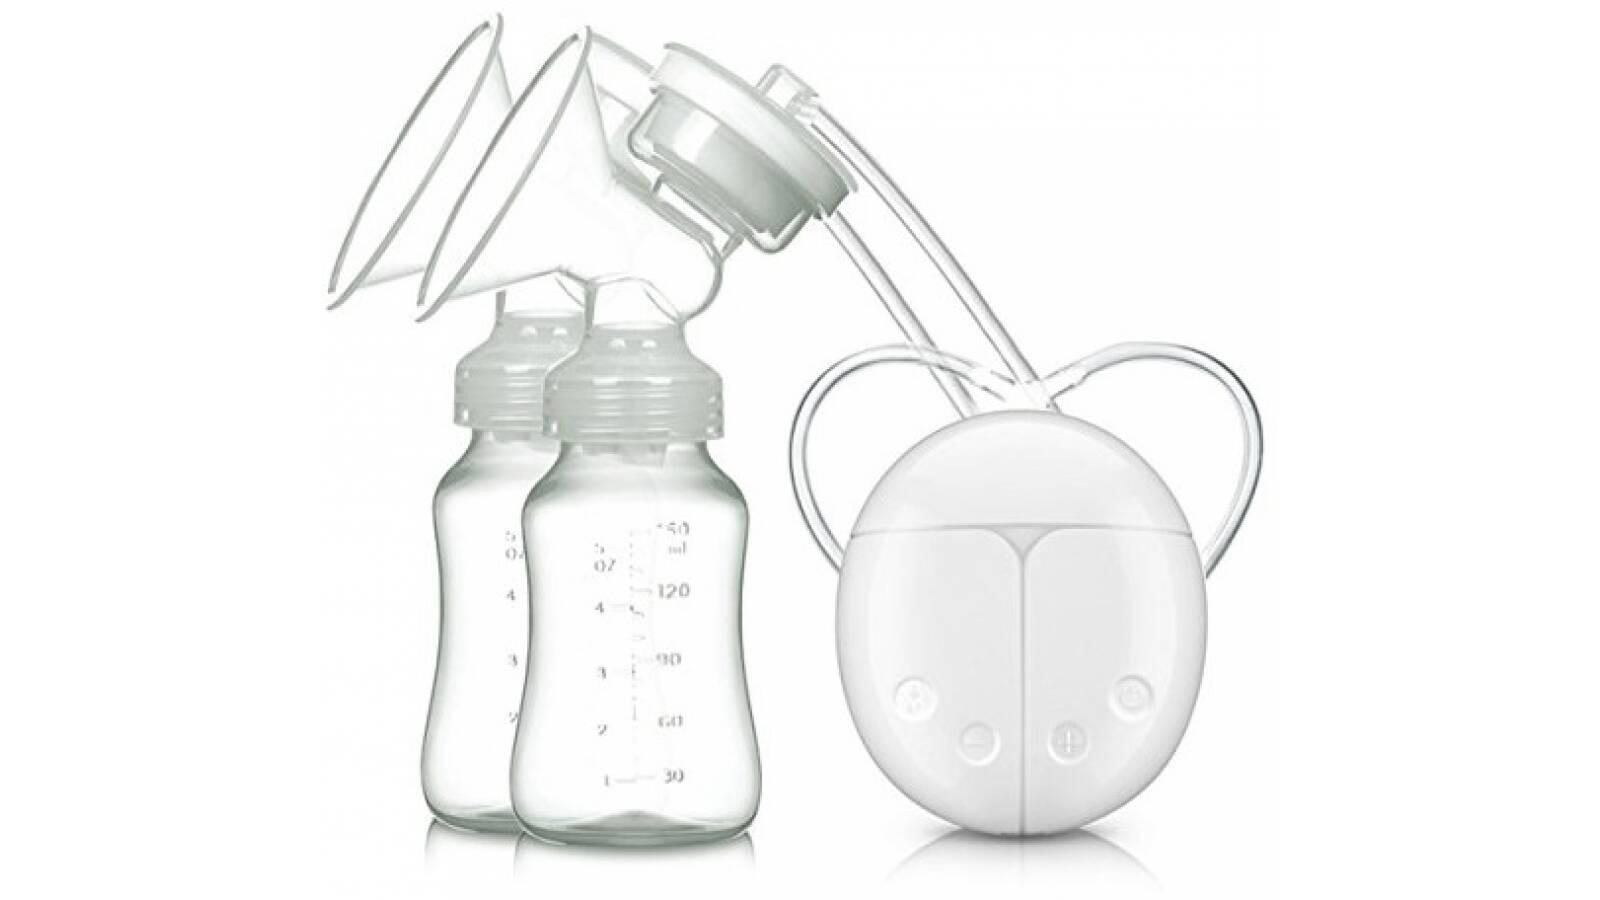 Sacaleche electrico ordeñador extractor doble mamadera leche materna